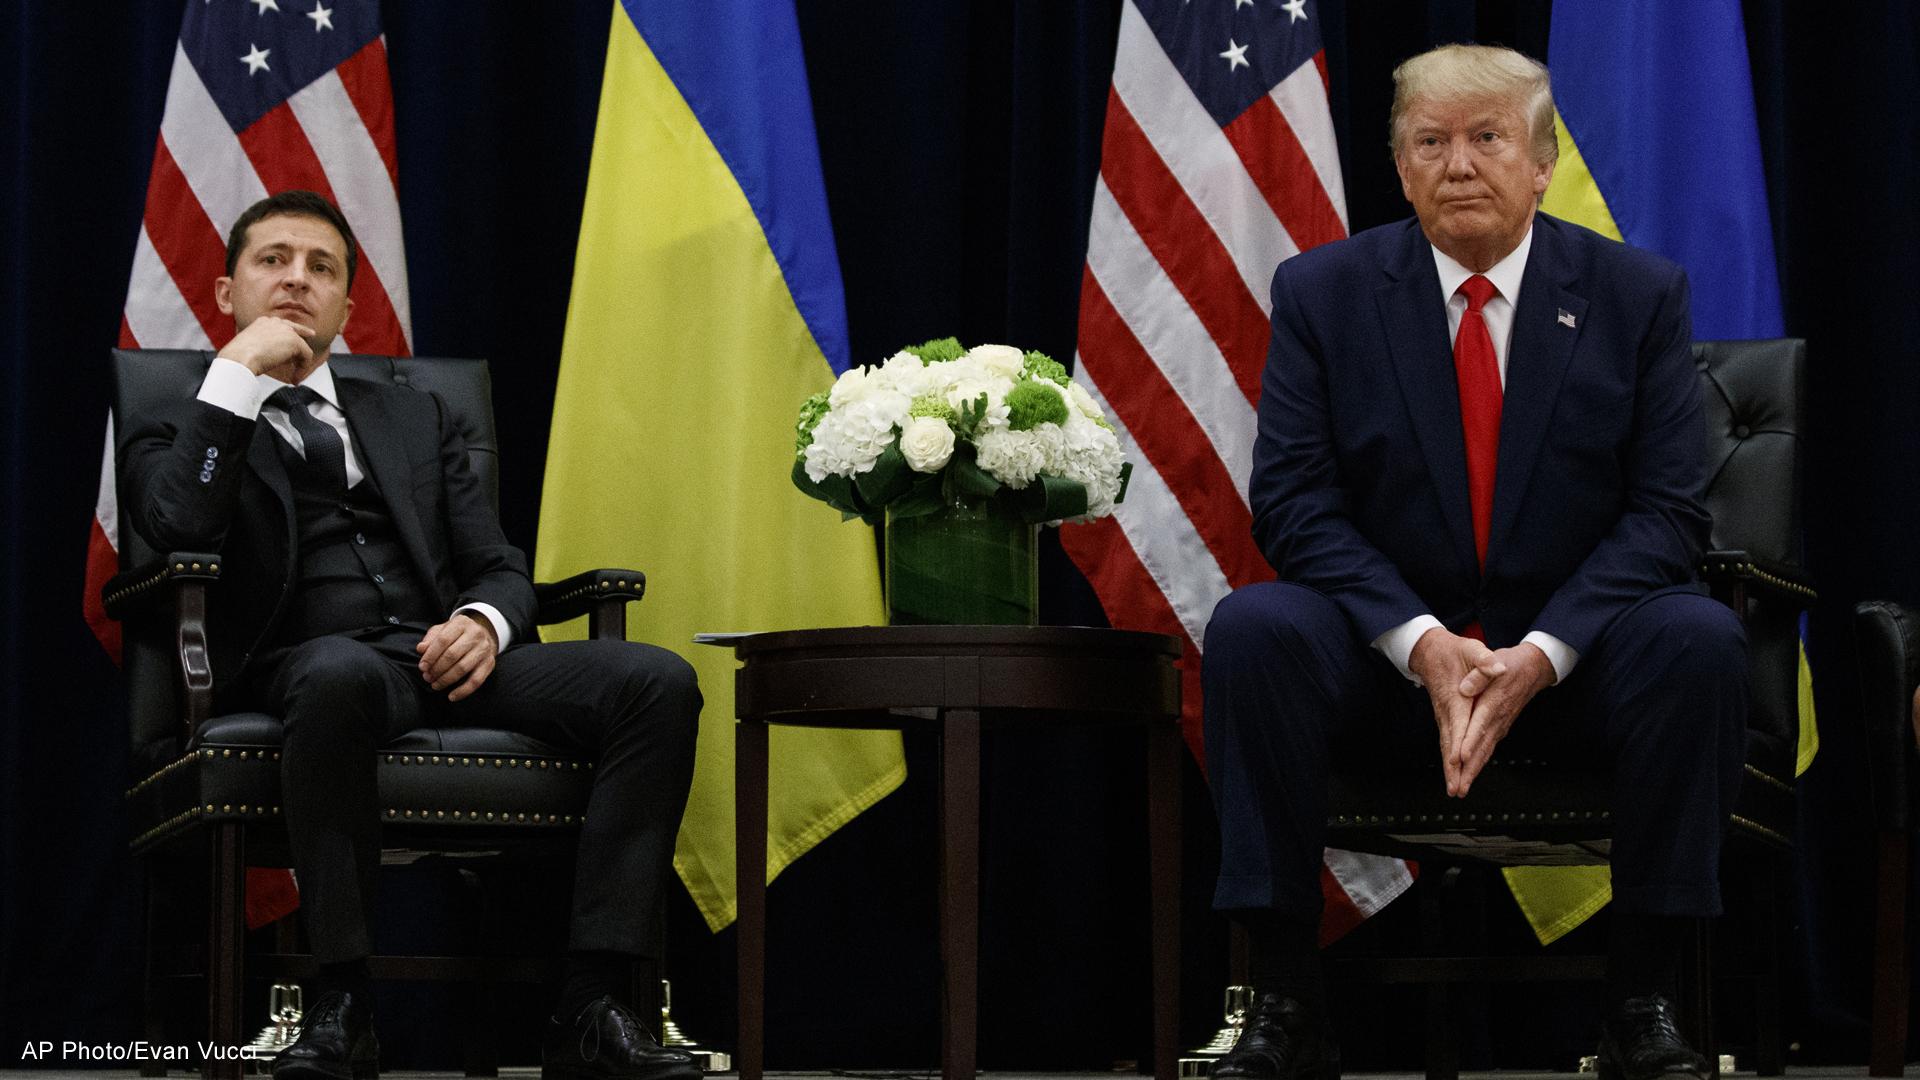 President Donald Trump Ukraines Volodymyr Zelenskiy